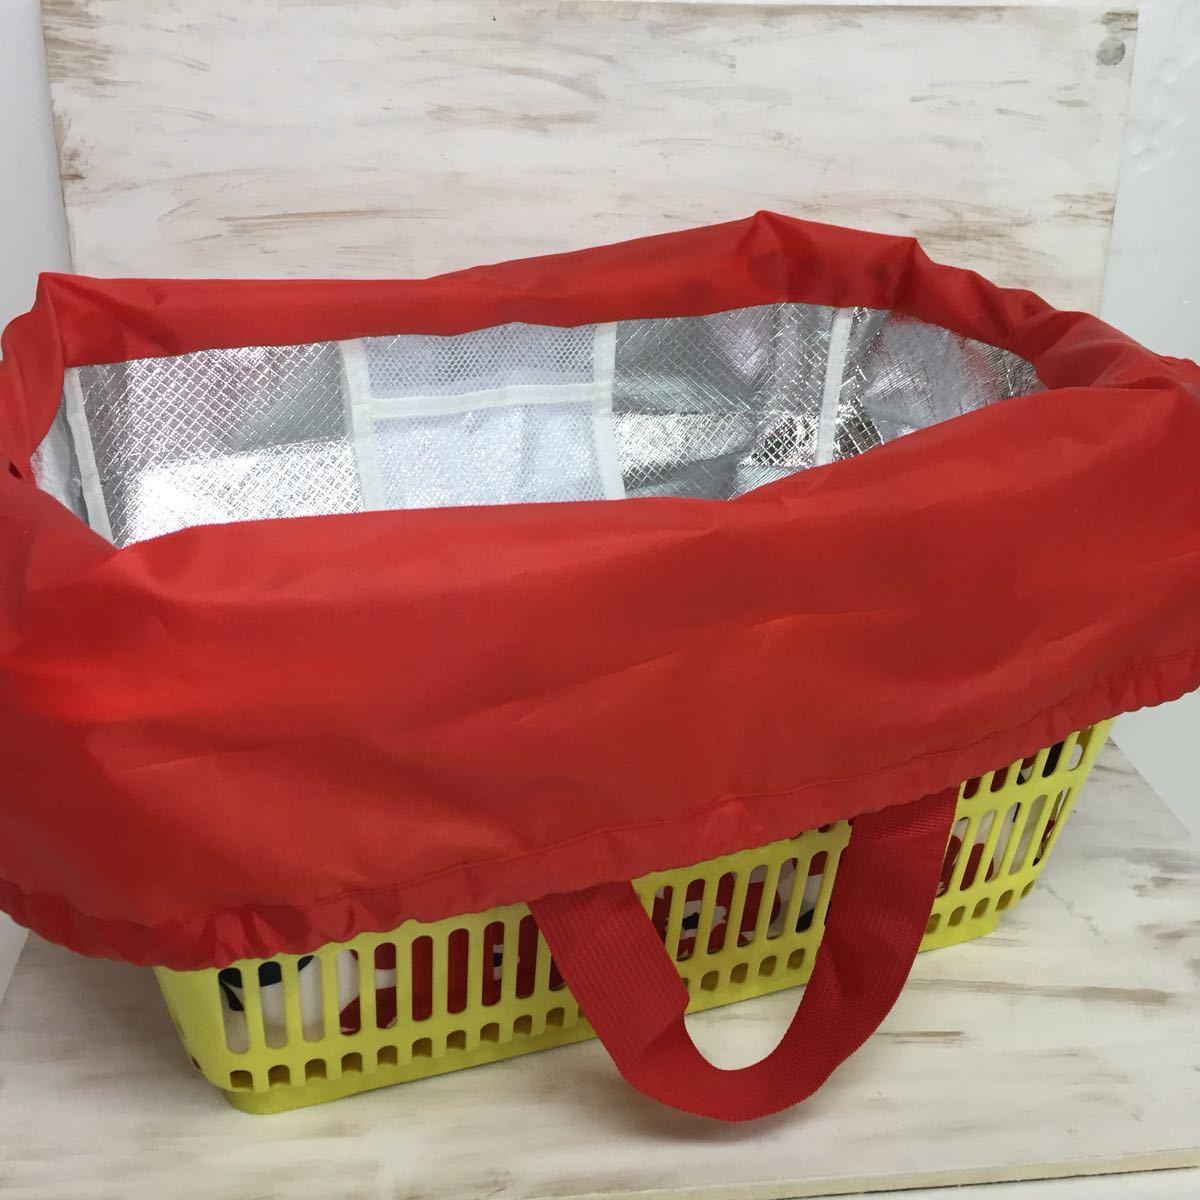 保冷バッグ エコバッグ レジバッグ ショッピングバッグ レディース レジャーバッグ クーラーバッグ 新品 フラワーレッド